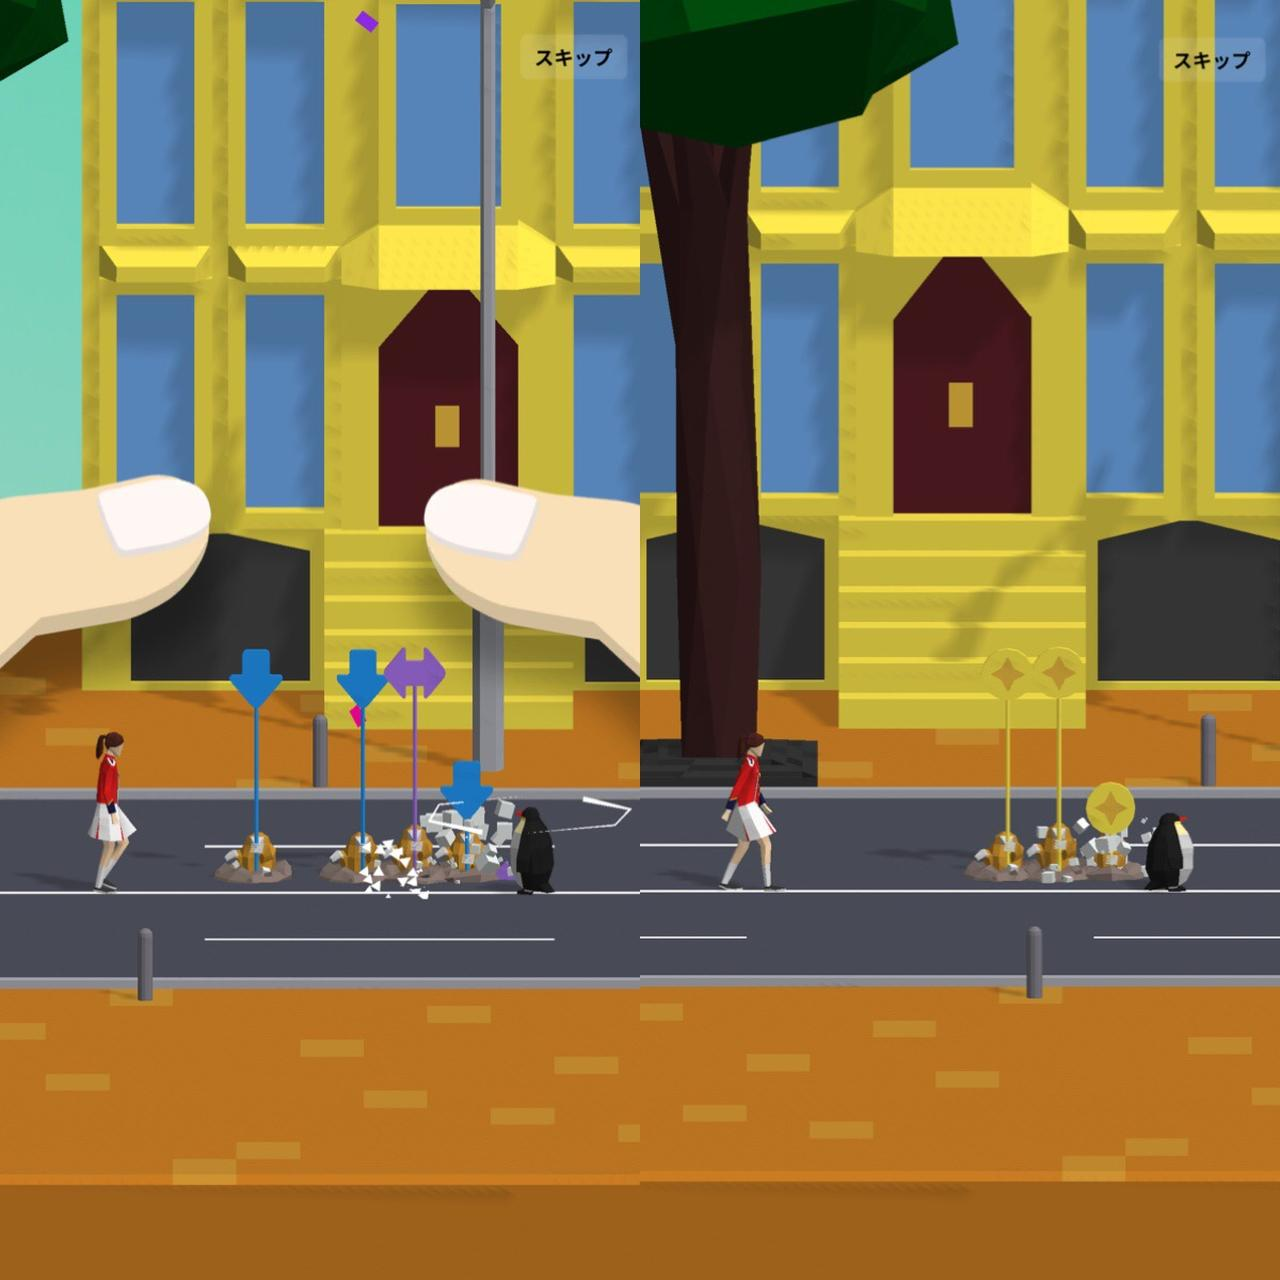 画像2: Hey!Yo! 体でリズムに乗って覚えてノリノリでプレイできるリズムゲームアプリ!